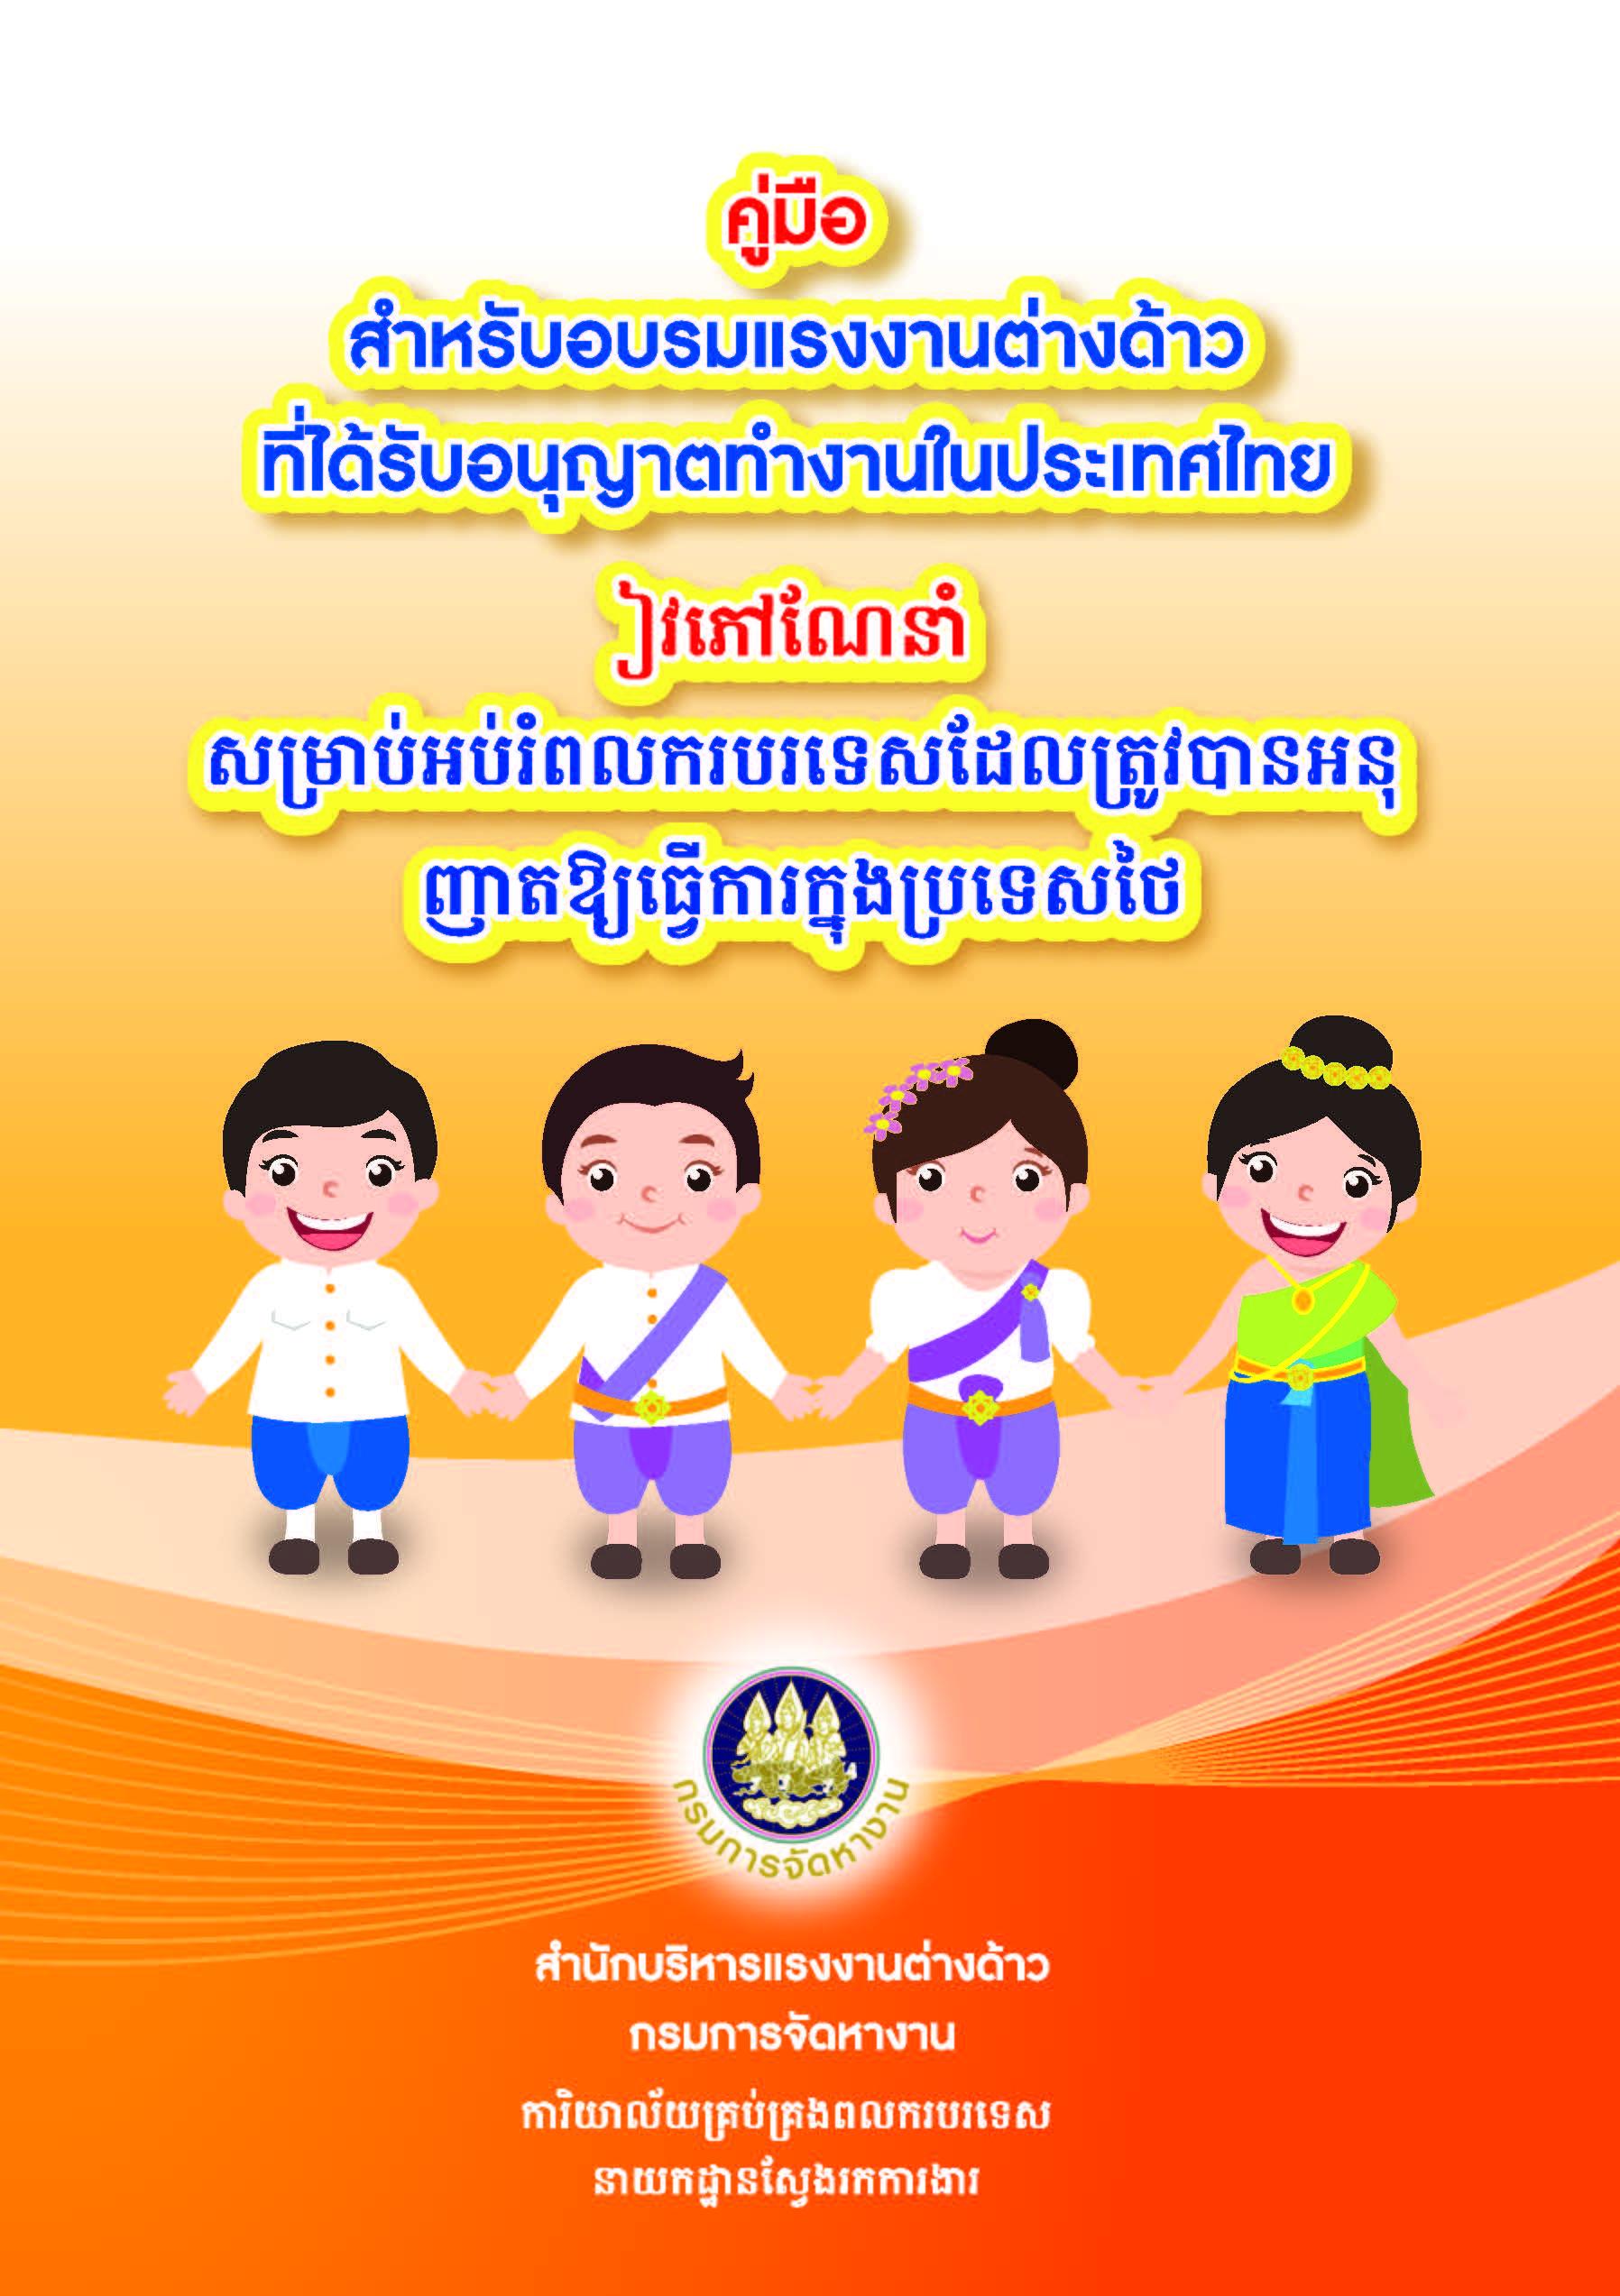 คู่มือสำหรับอบรมแรงงานต่างด้าว ที่ได้รับอนุญาตทำงานในประเทศ (ไทย-กัมพูชา)